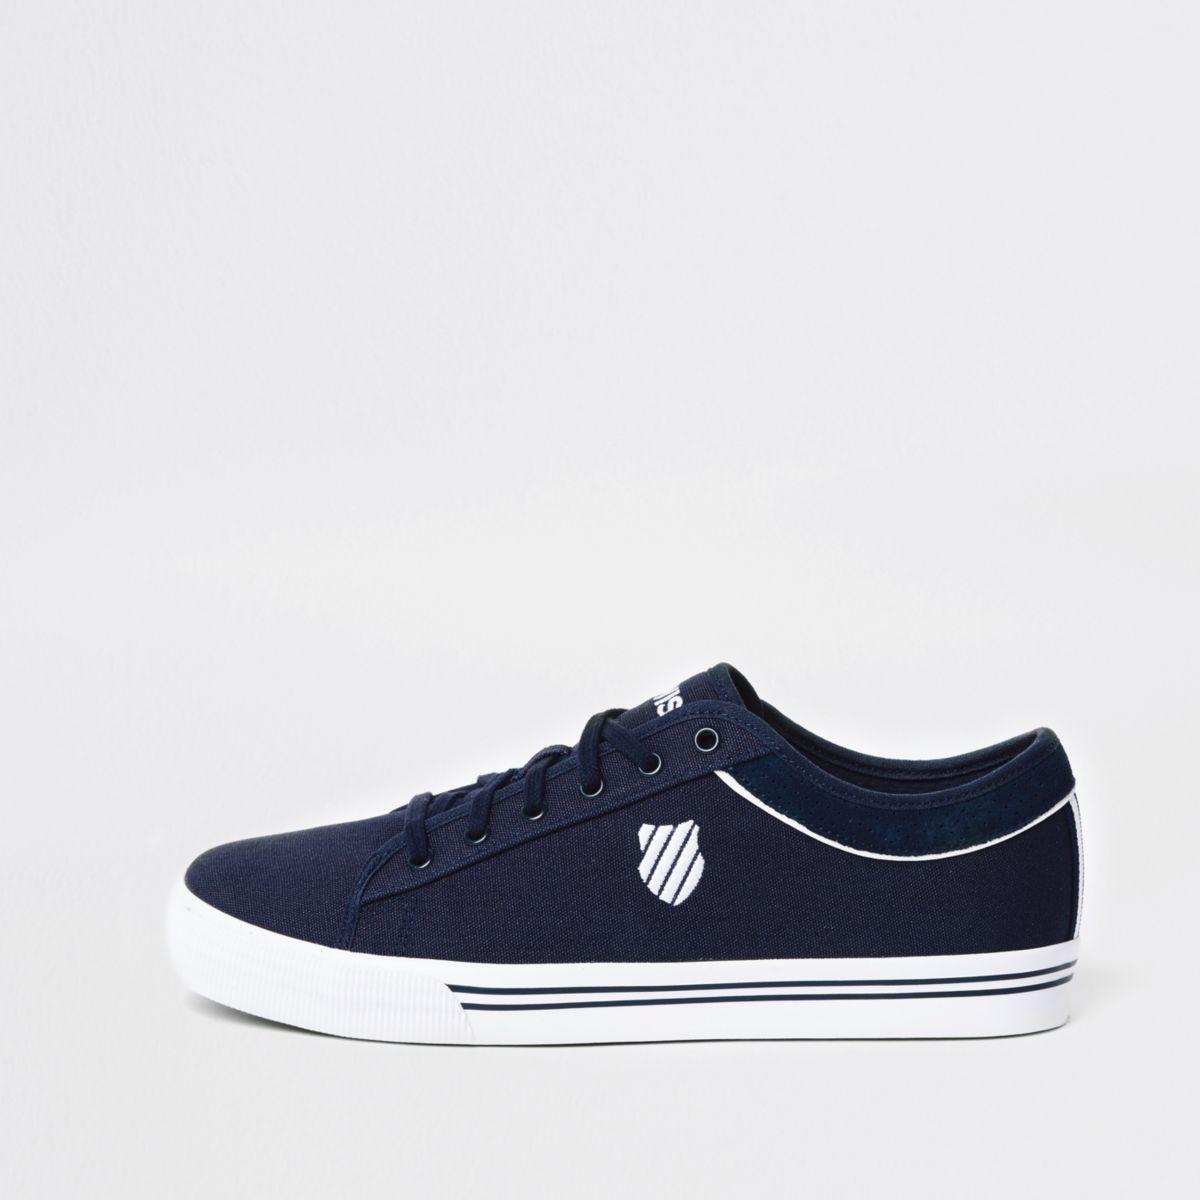 Navy K-Swiss low top canvas sneakers